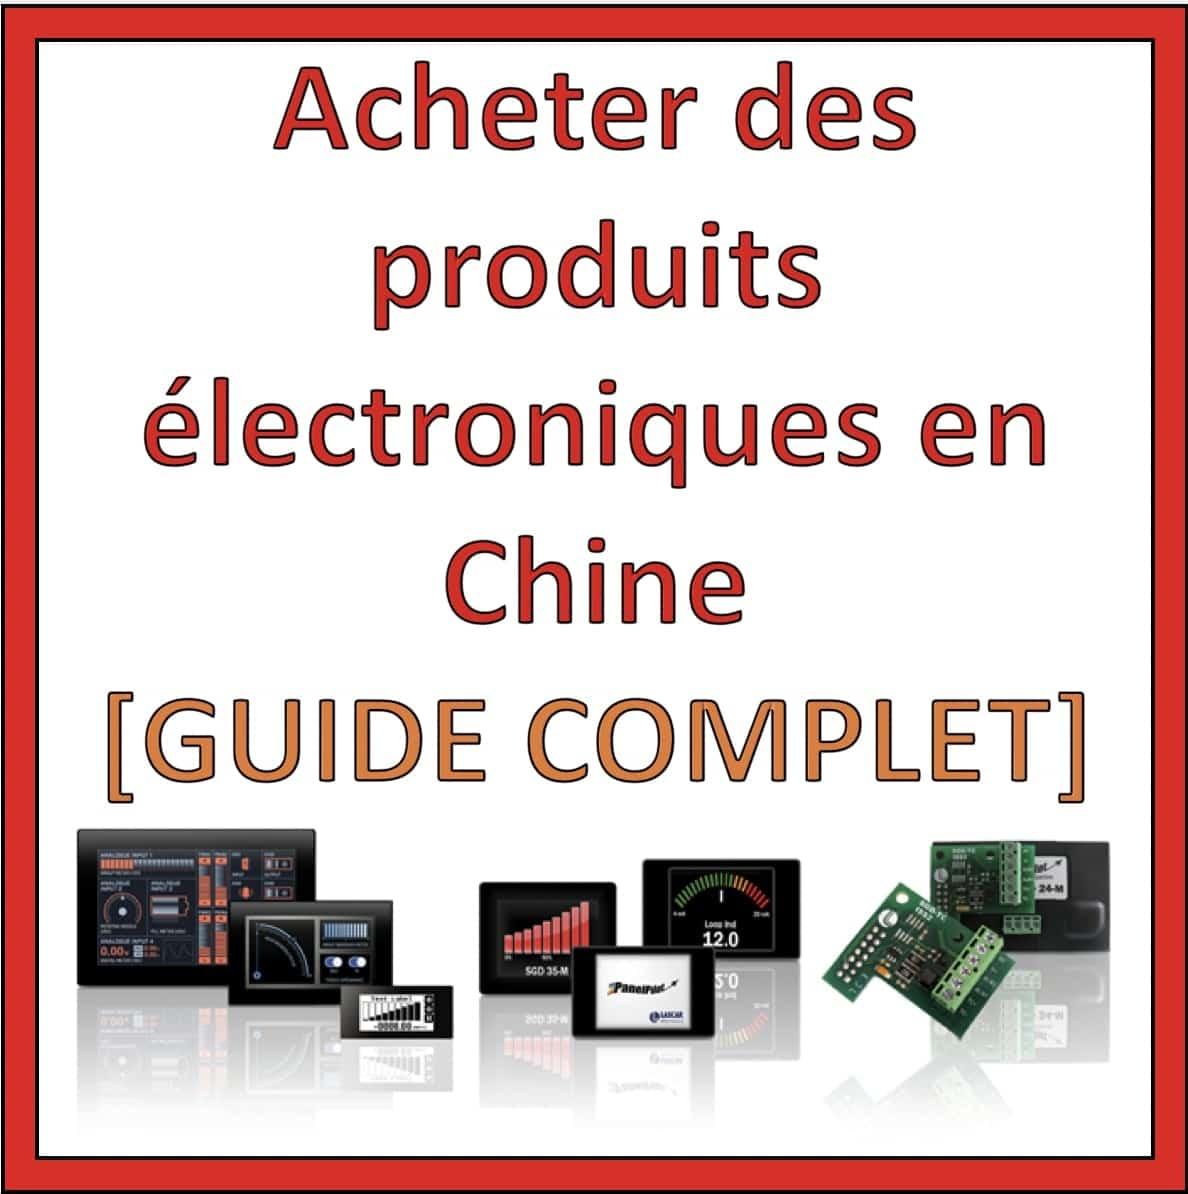 importer produit electronique chine